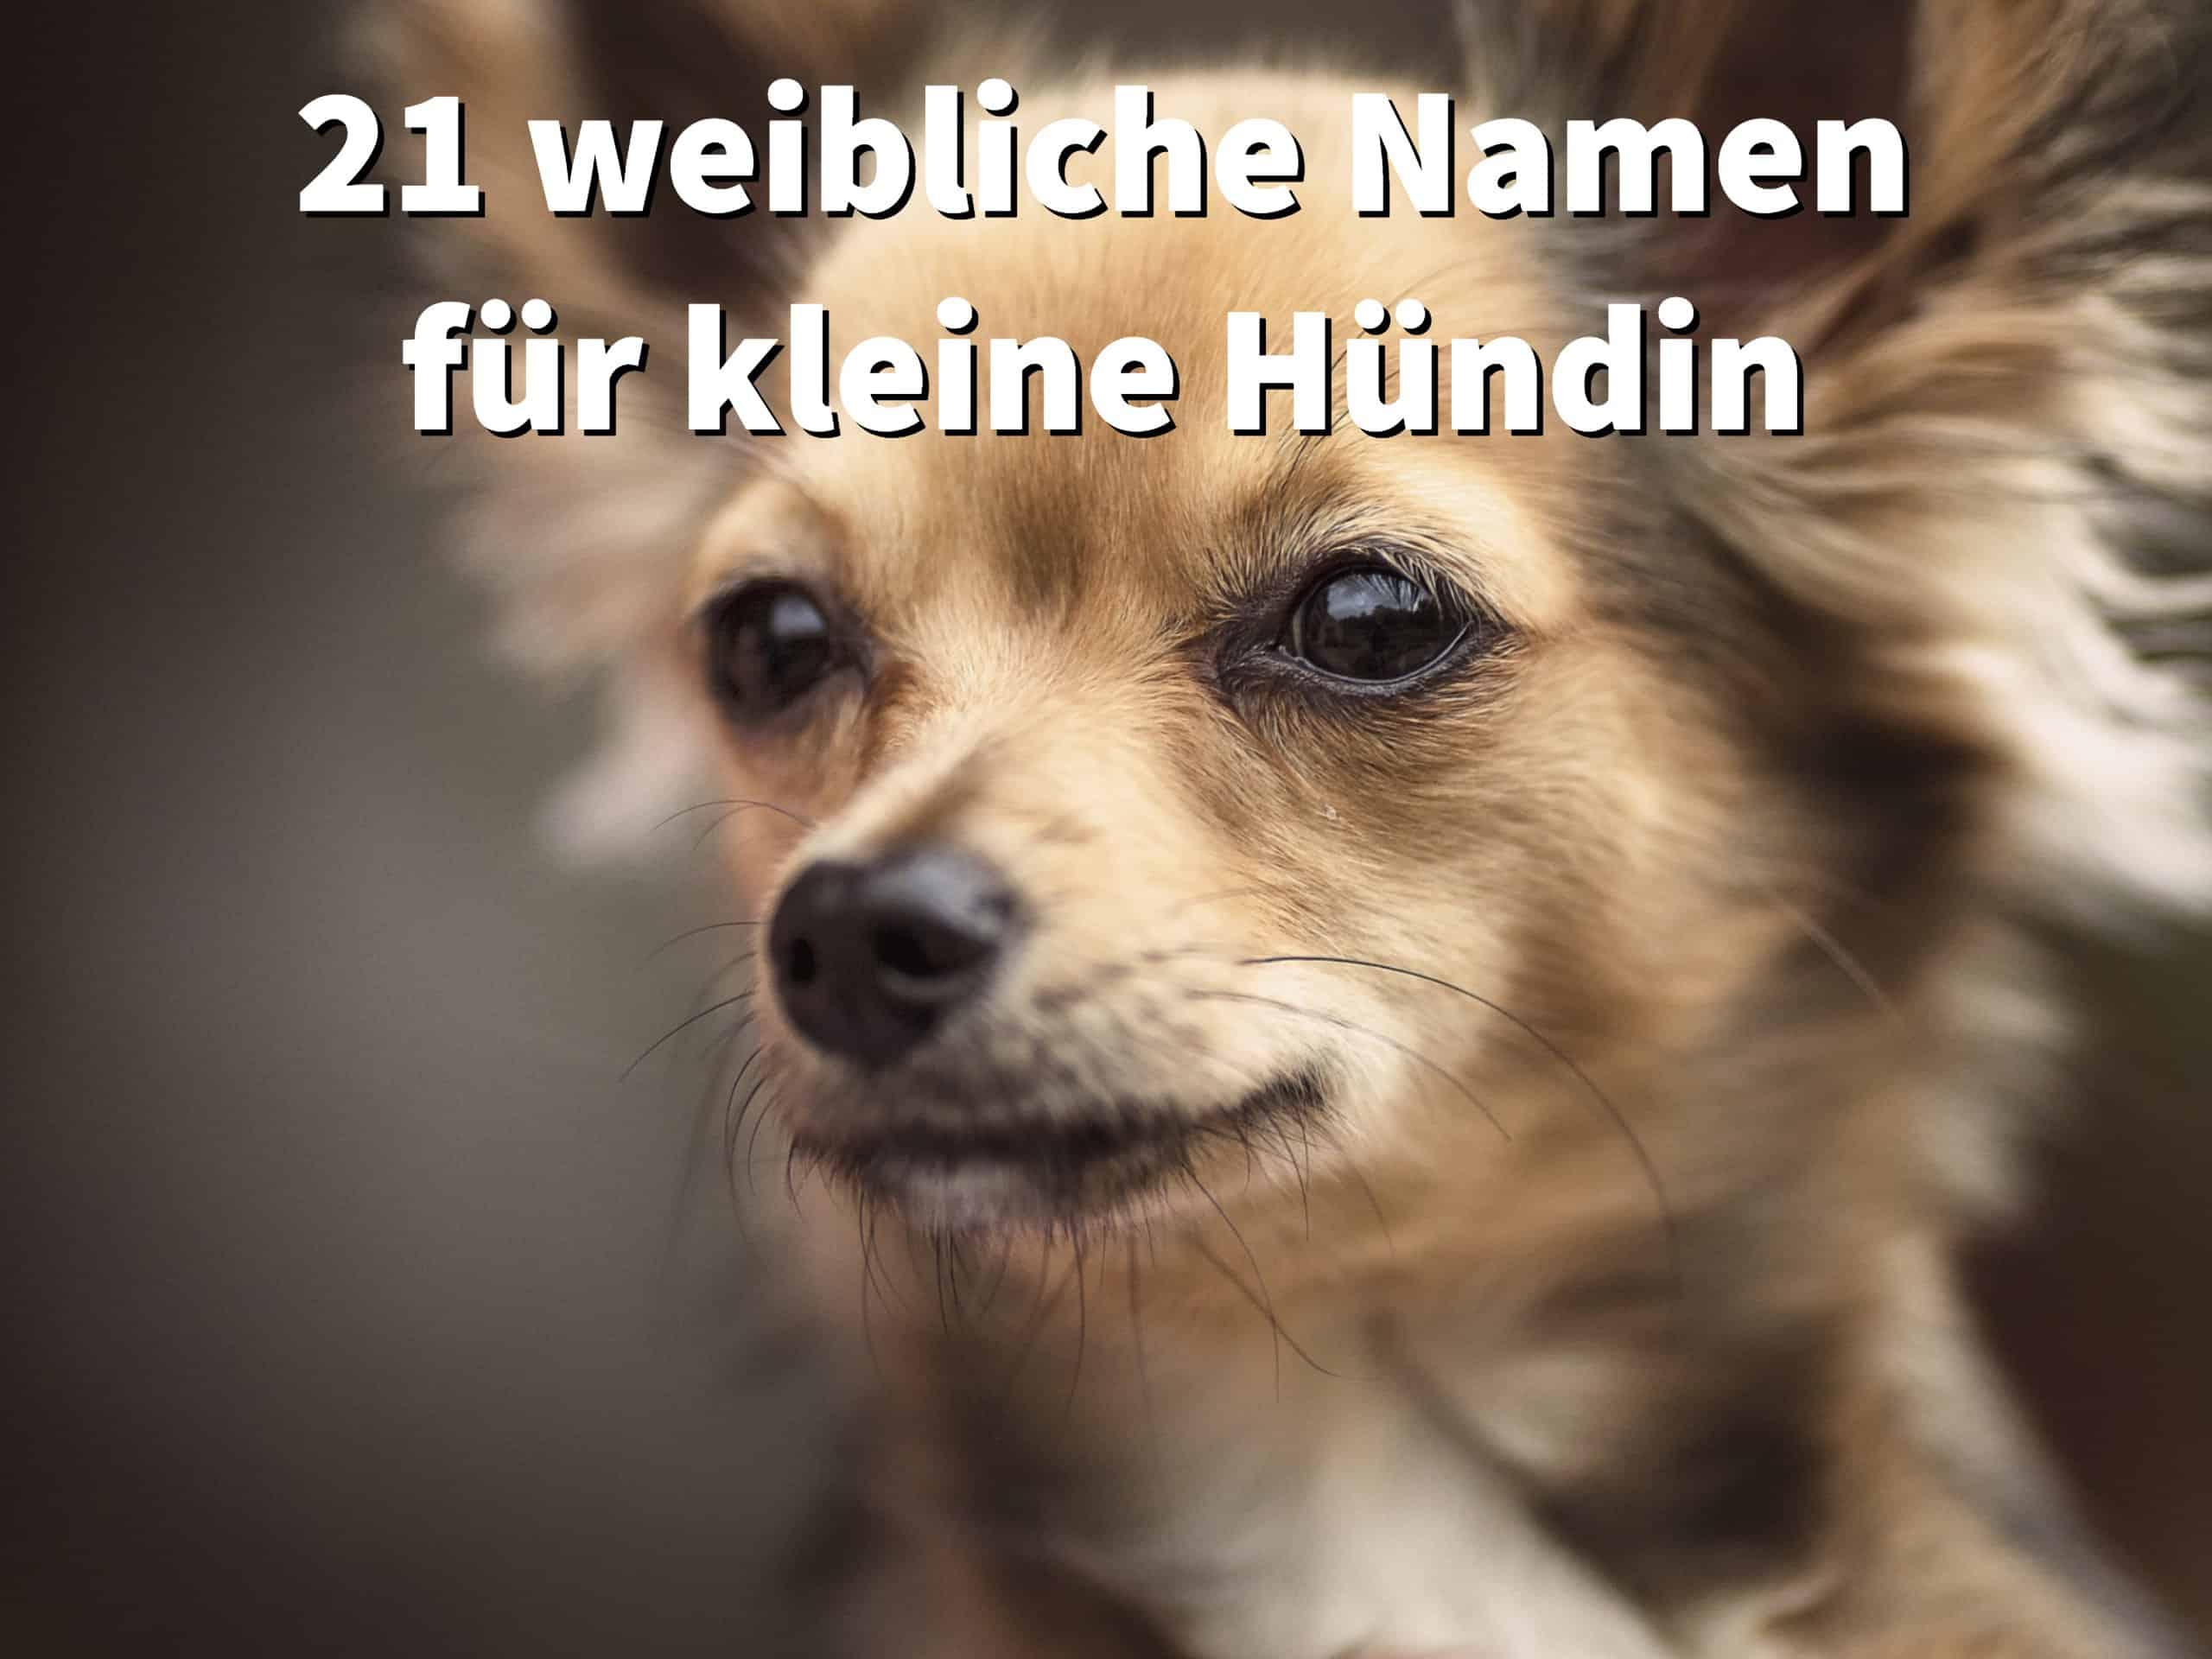 21 seltene Hundenamen für Weibchen, mit Bedeutung und